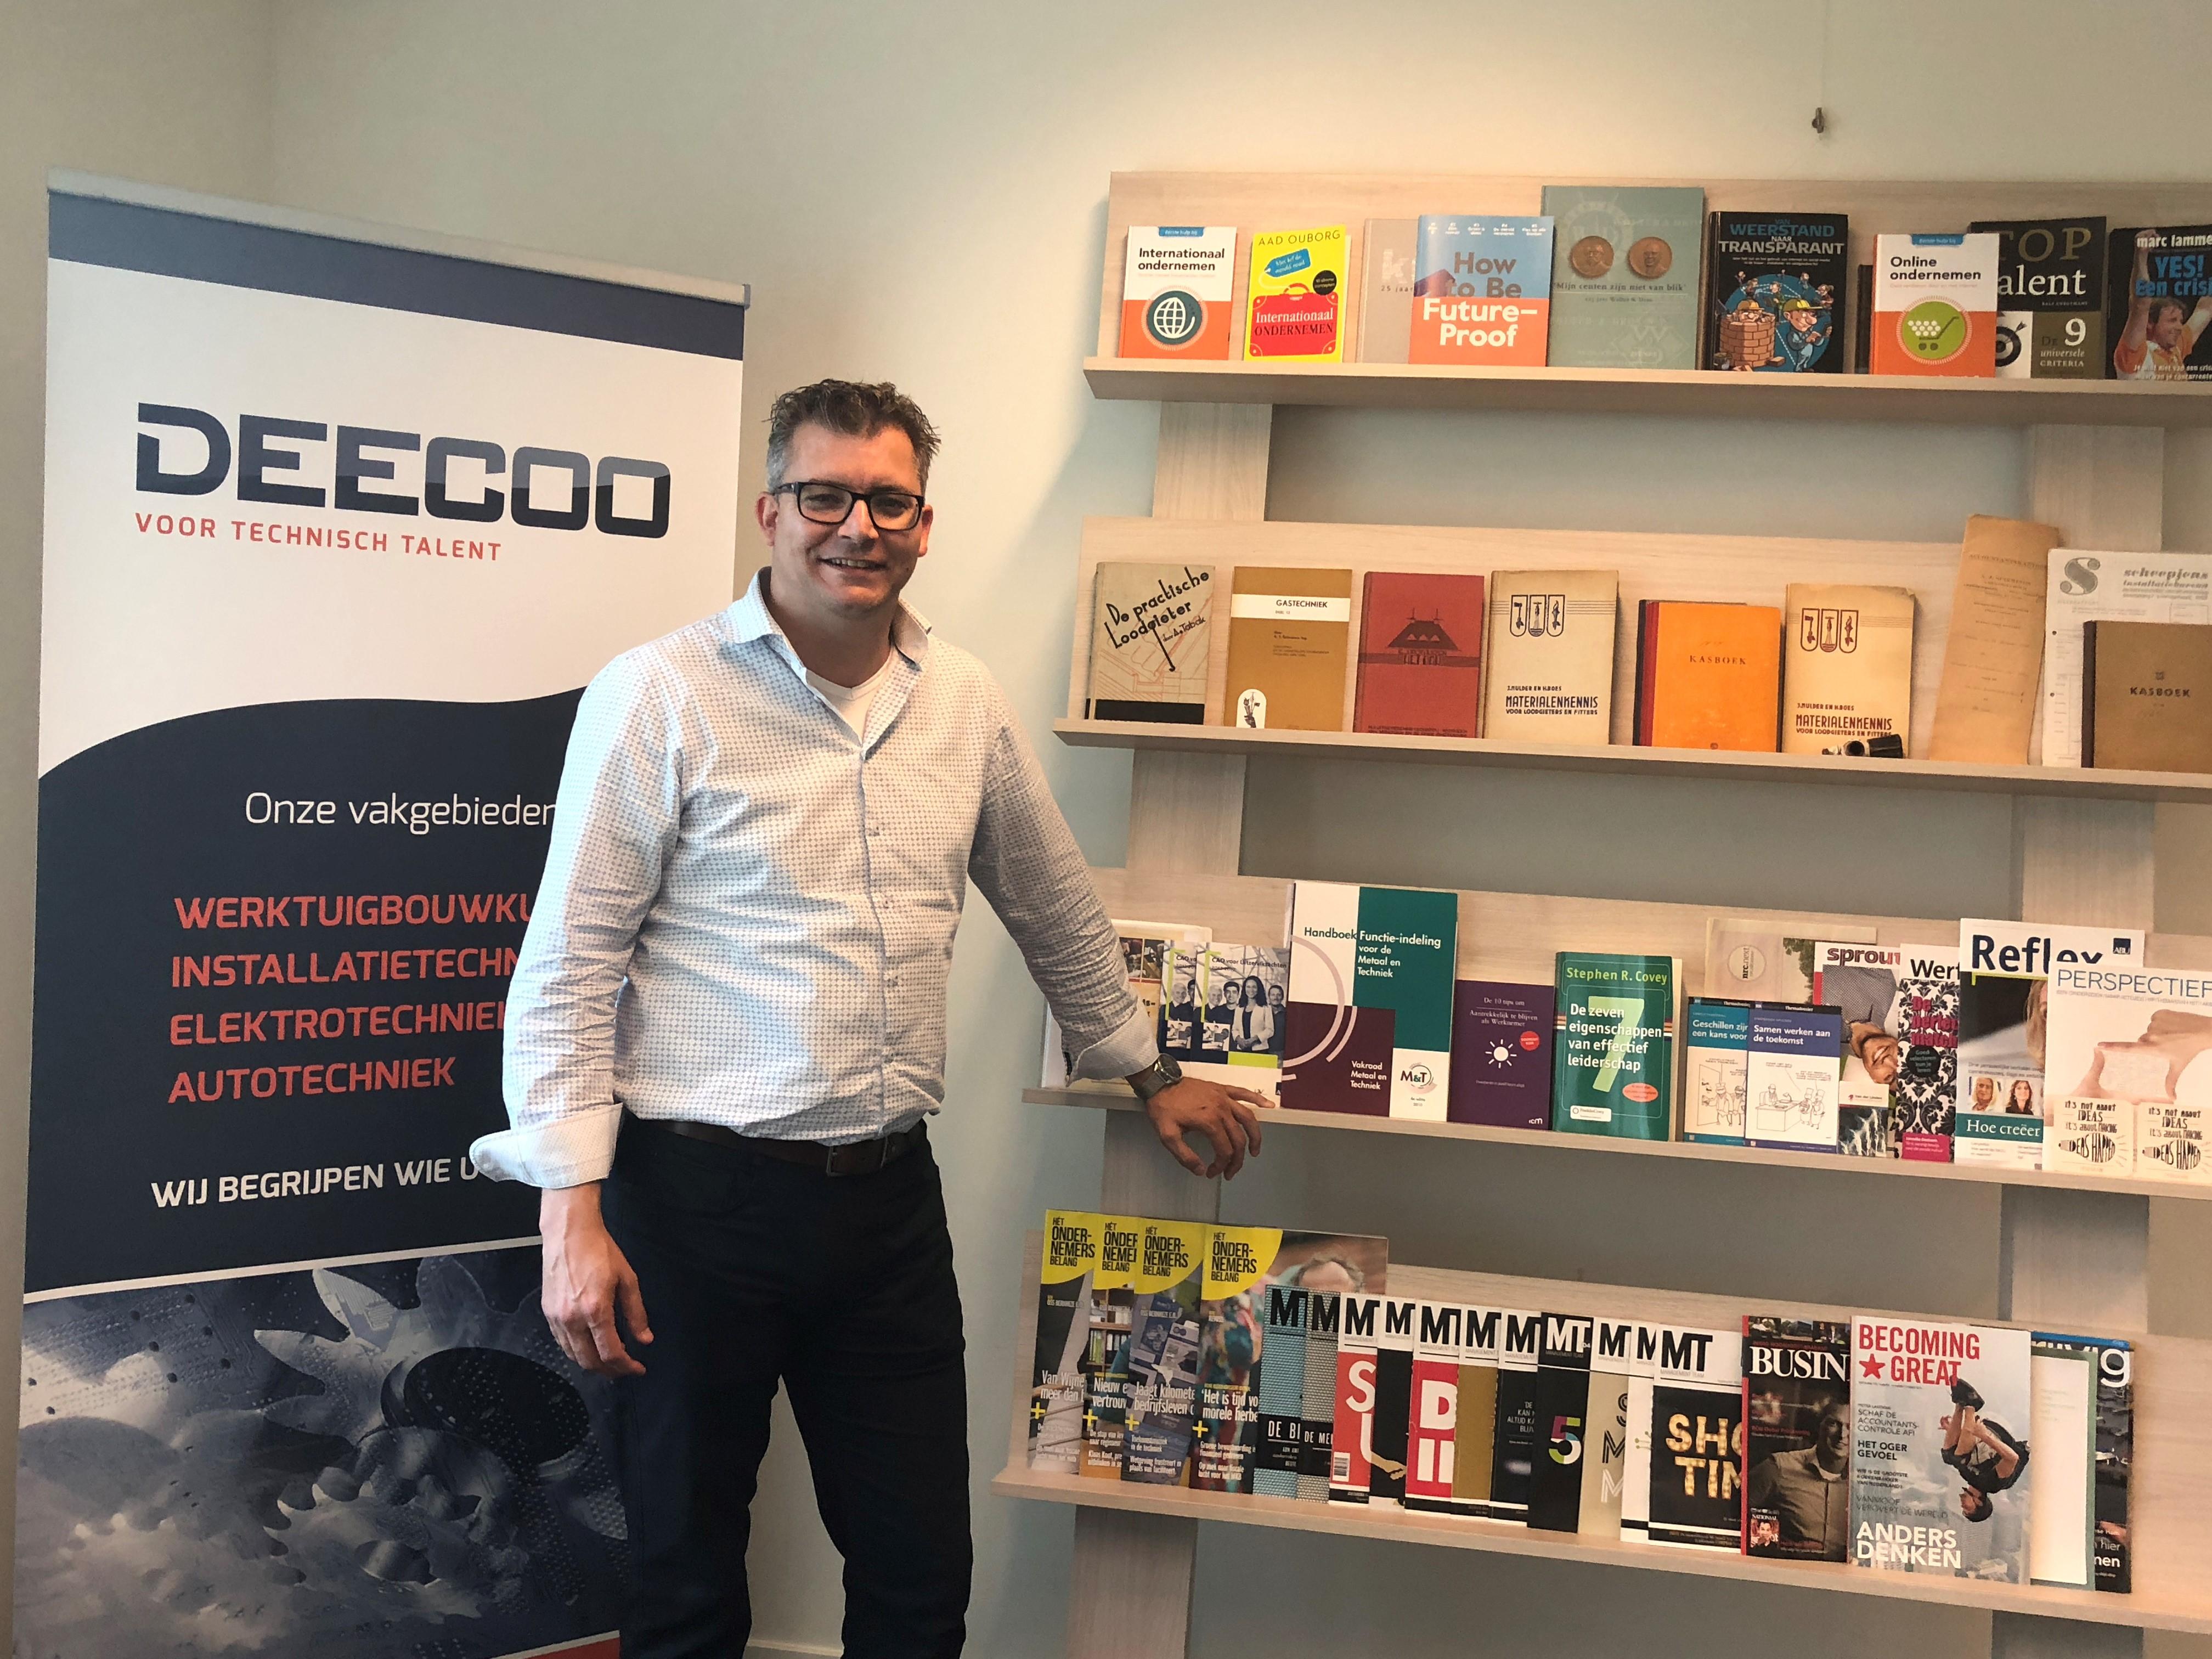 Marc Scheepjens, commercieel directeur Deecoo Veghel. Detachering van technisch personeel.